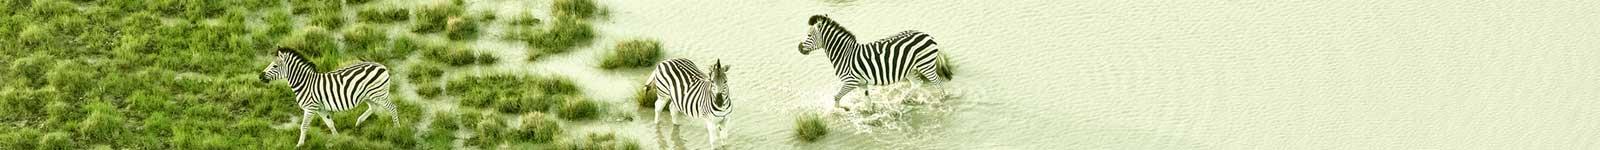 محیط بانی و جنگل بانی و حفاظت از حیوانات توسط پهپاد